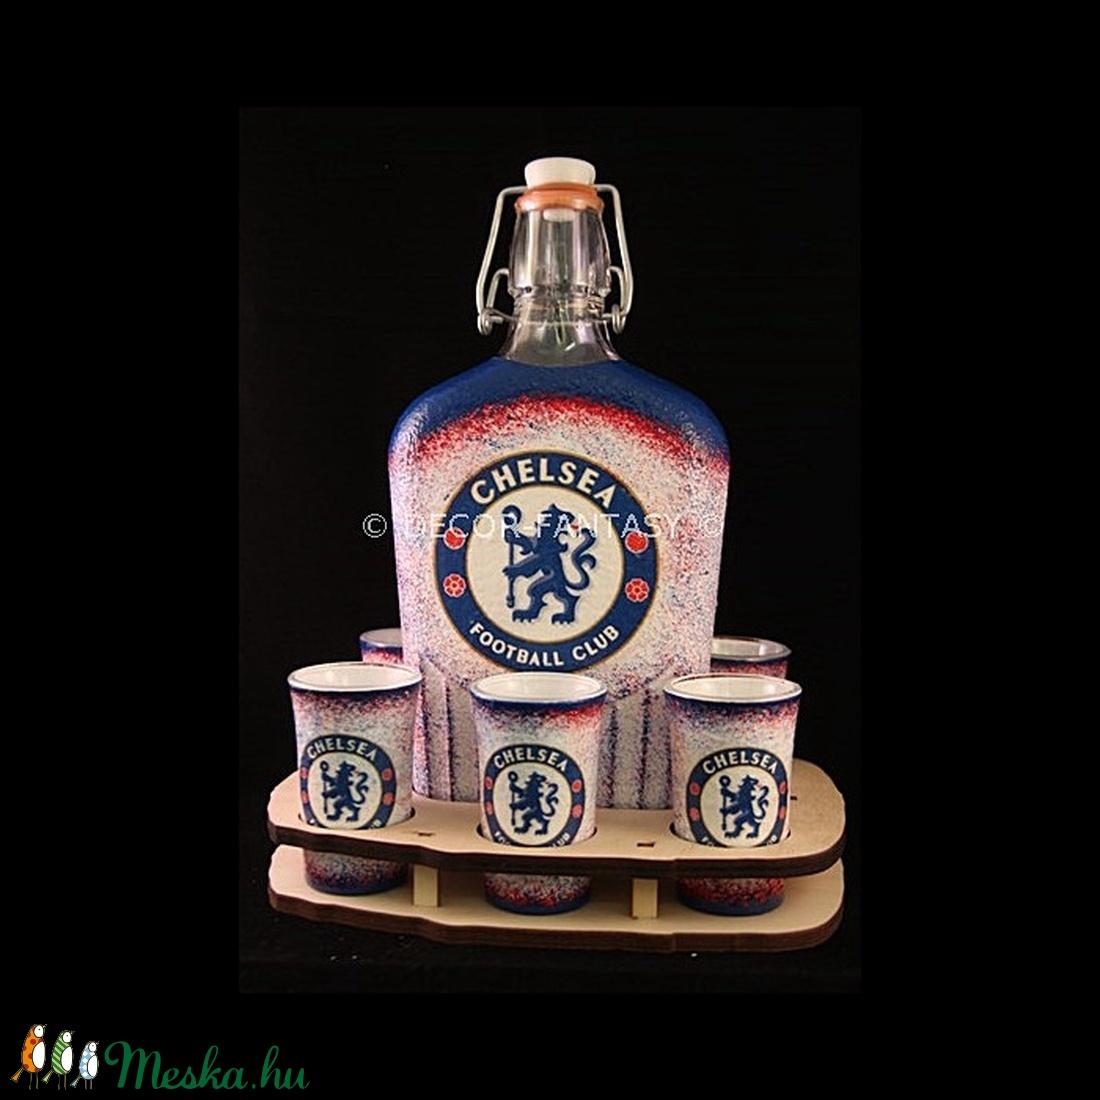 Chelsea FC emblémával díszített italos szett ( 6x45ml pohár + 0,5l üveg + tartó )  (decorfantasy) - Meska.hu